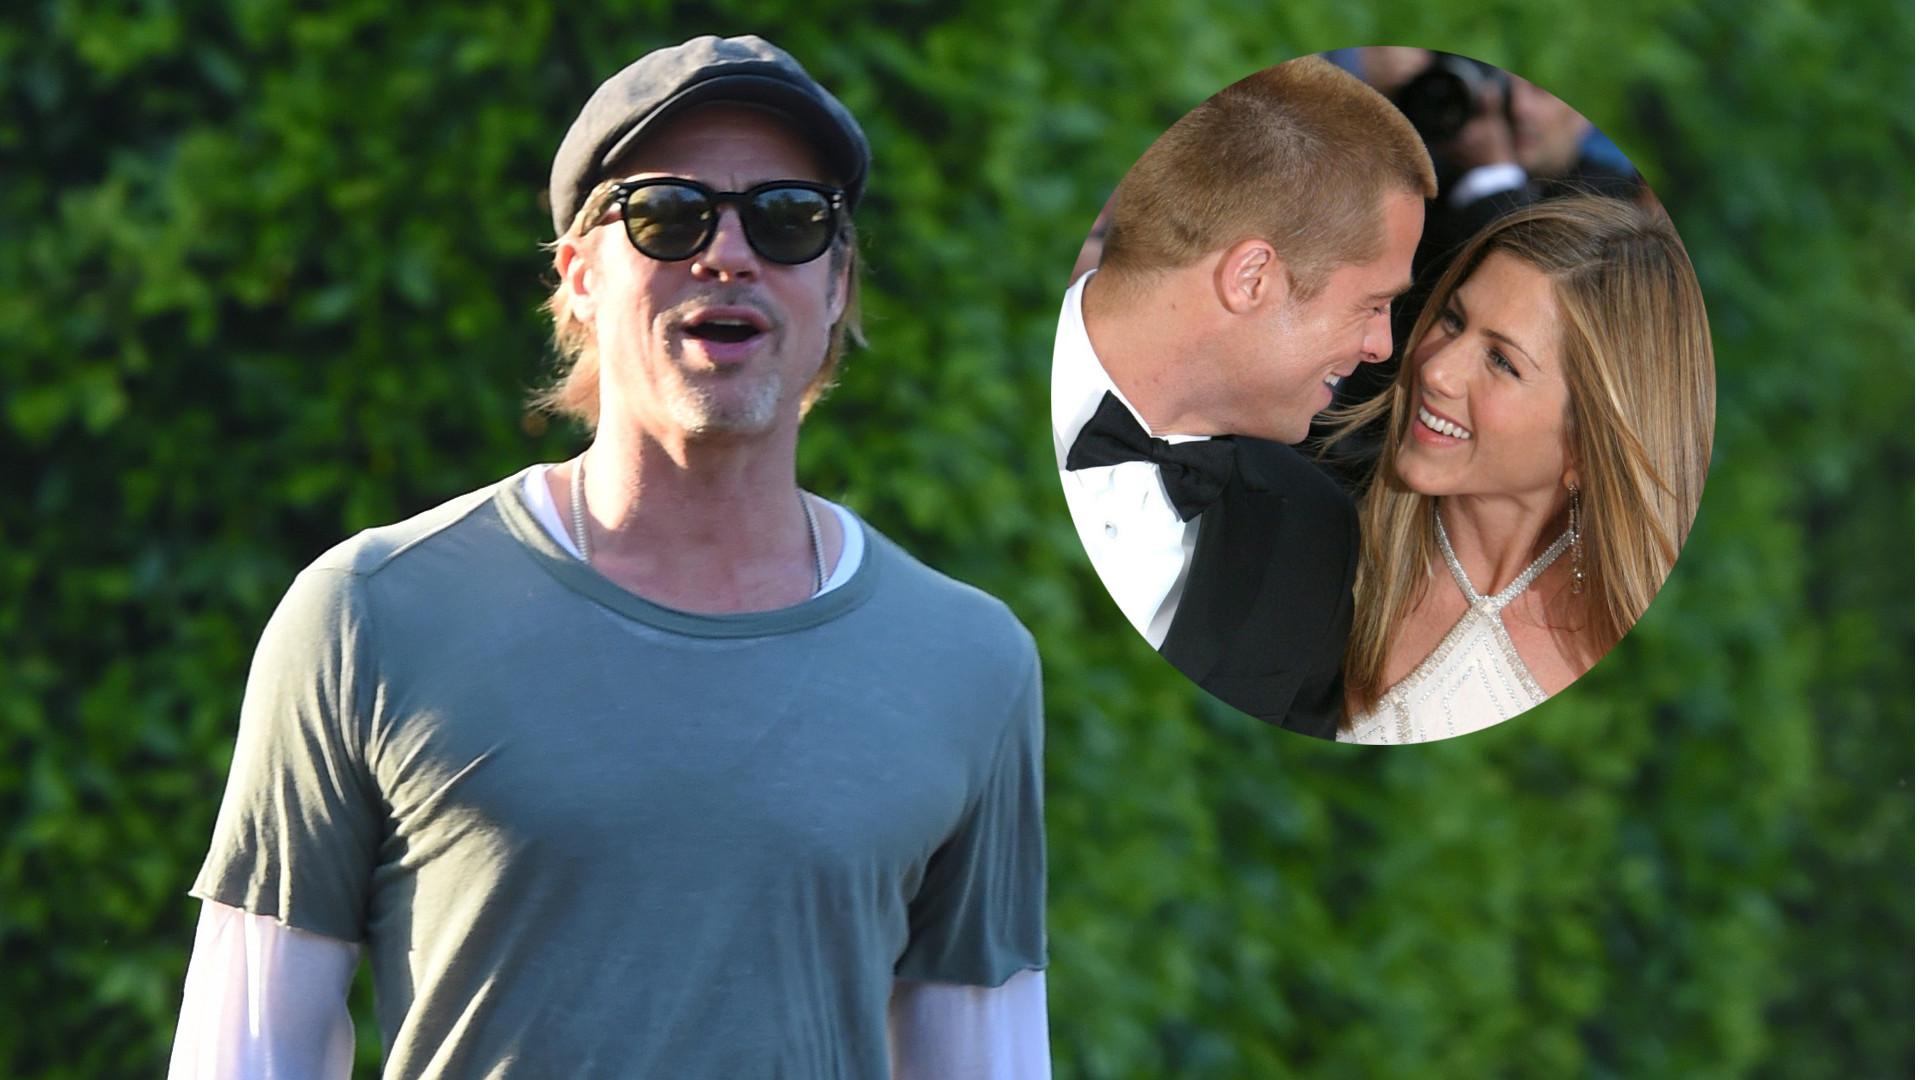 Paparazzi zapytali Brada Pitta, czy jest z Jennifer Aniston – zobaczcie JEGO REAKCJĘ (ZDJĘCIA)